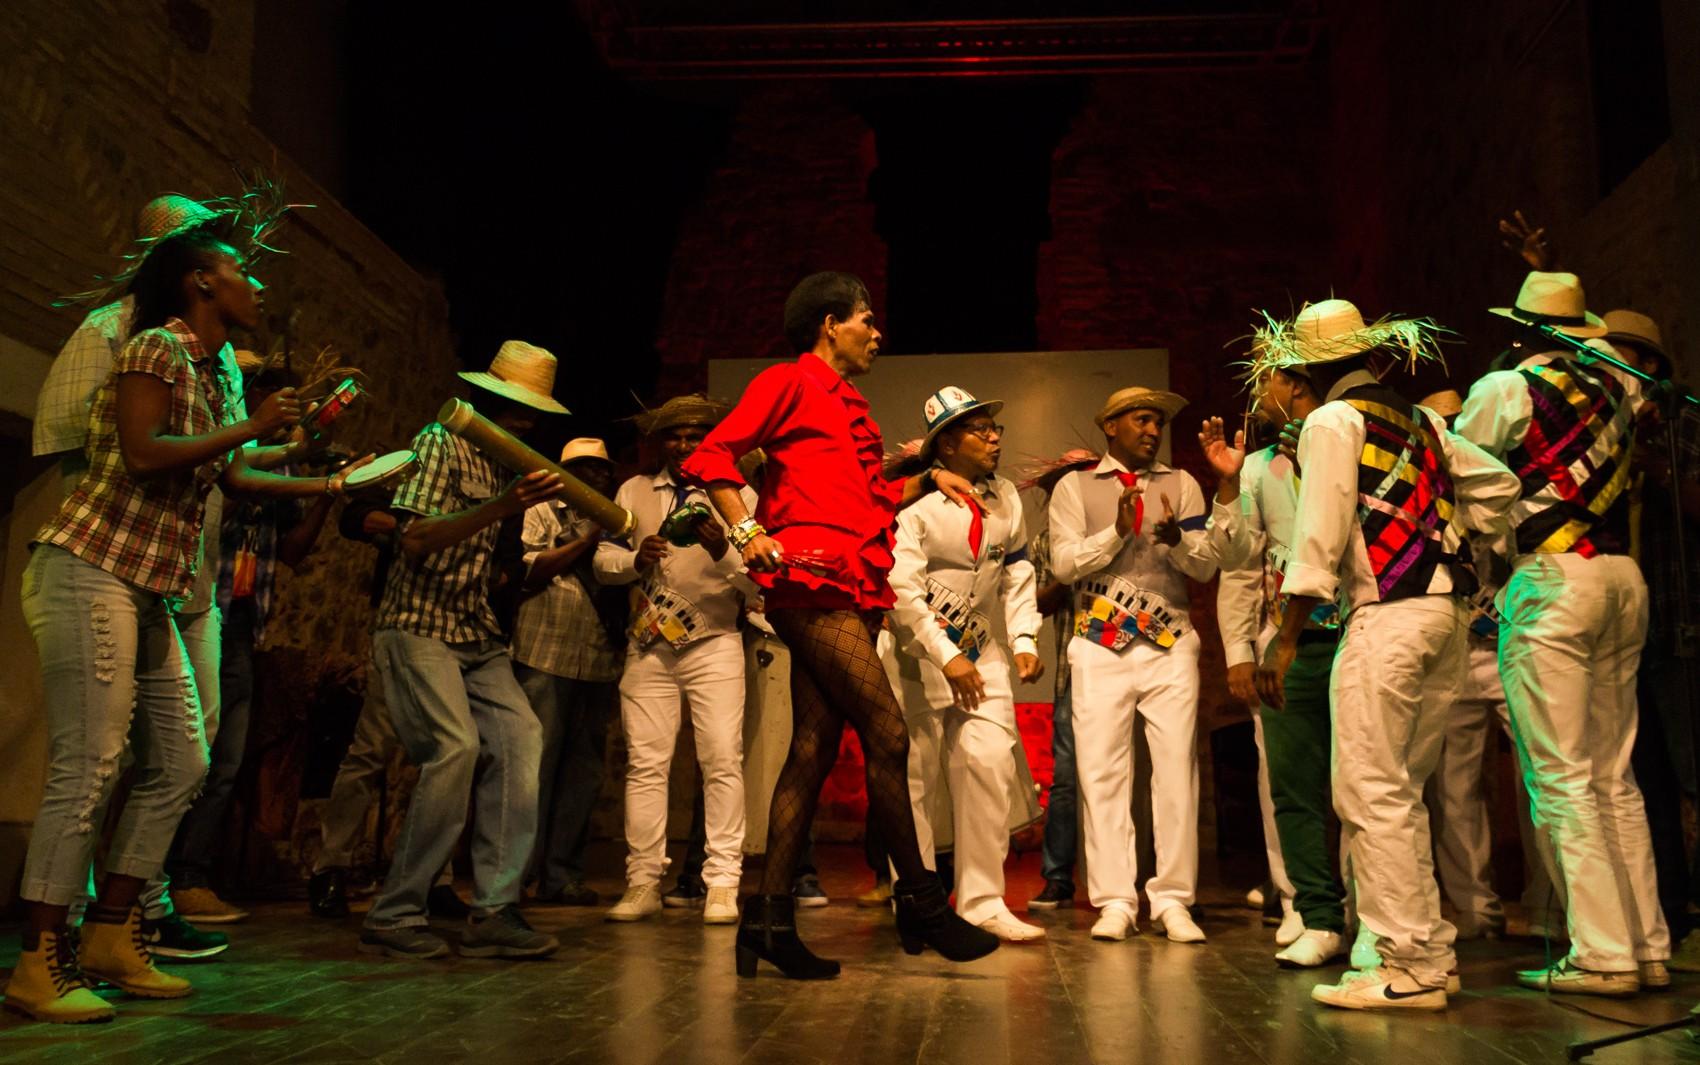 Músico explica samba no São João da BA e revela desafios em expandir manifestação cultural: 'Fazemos por amor'